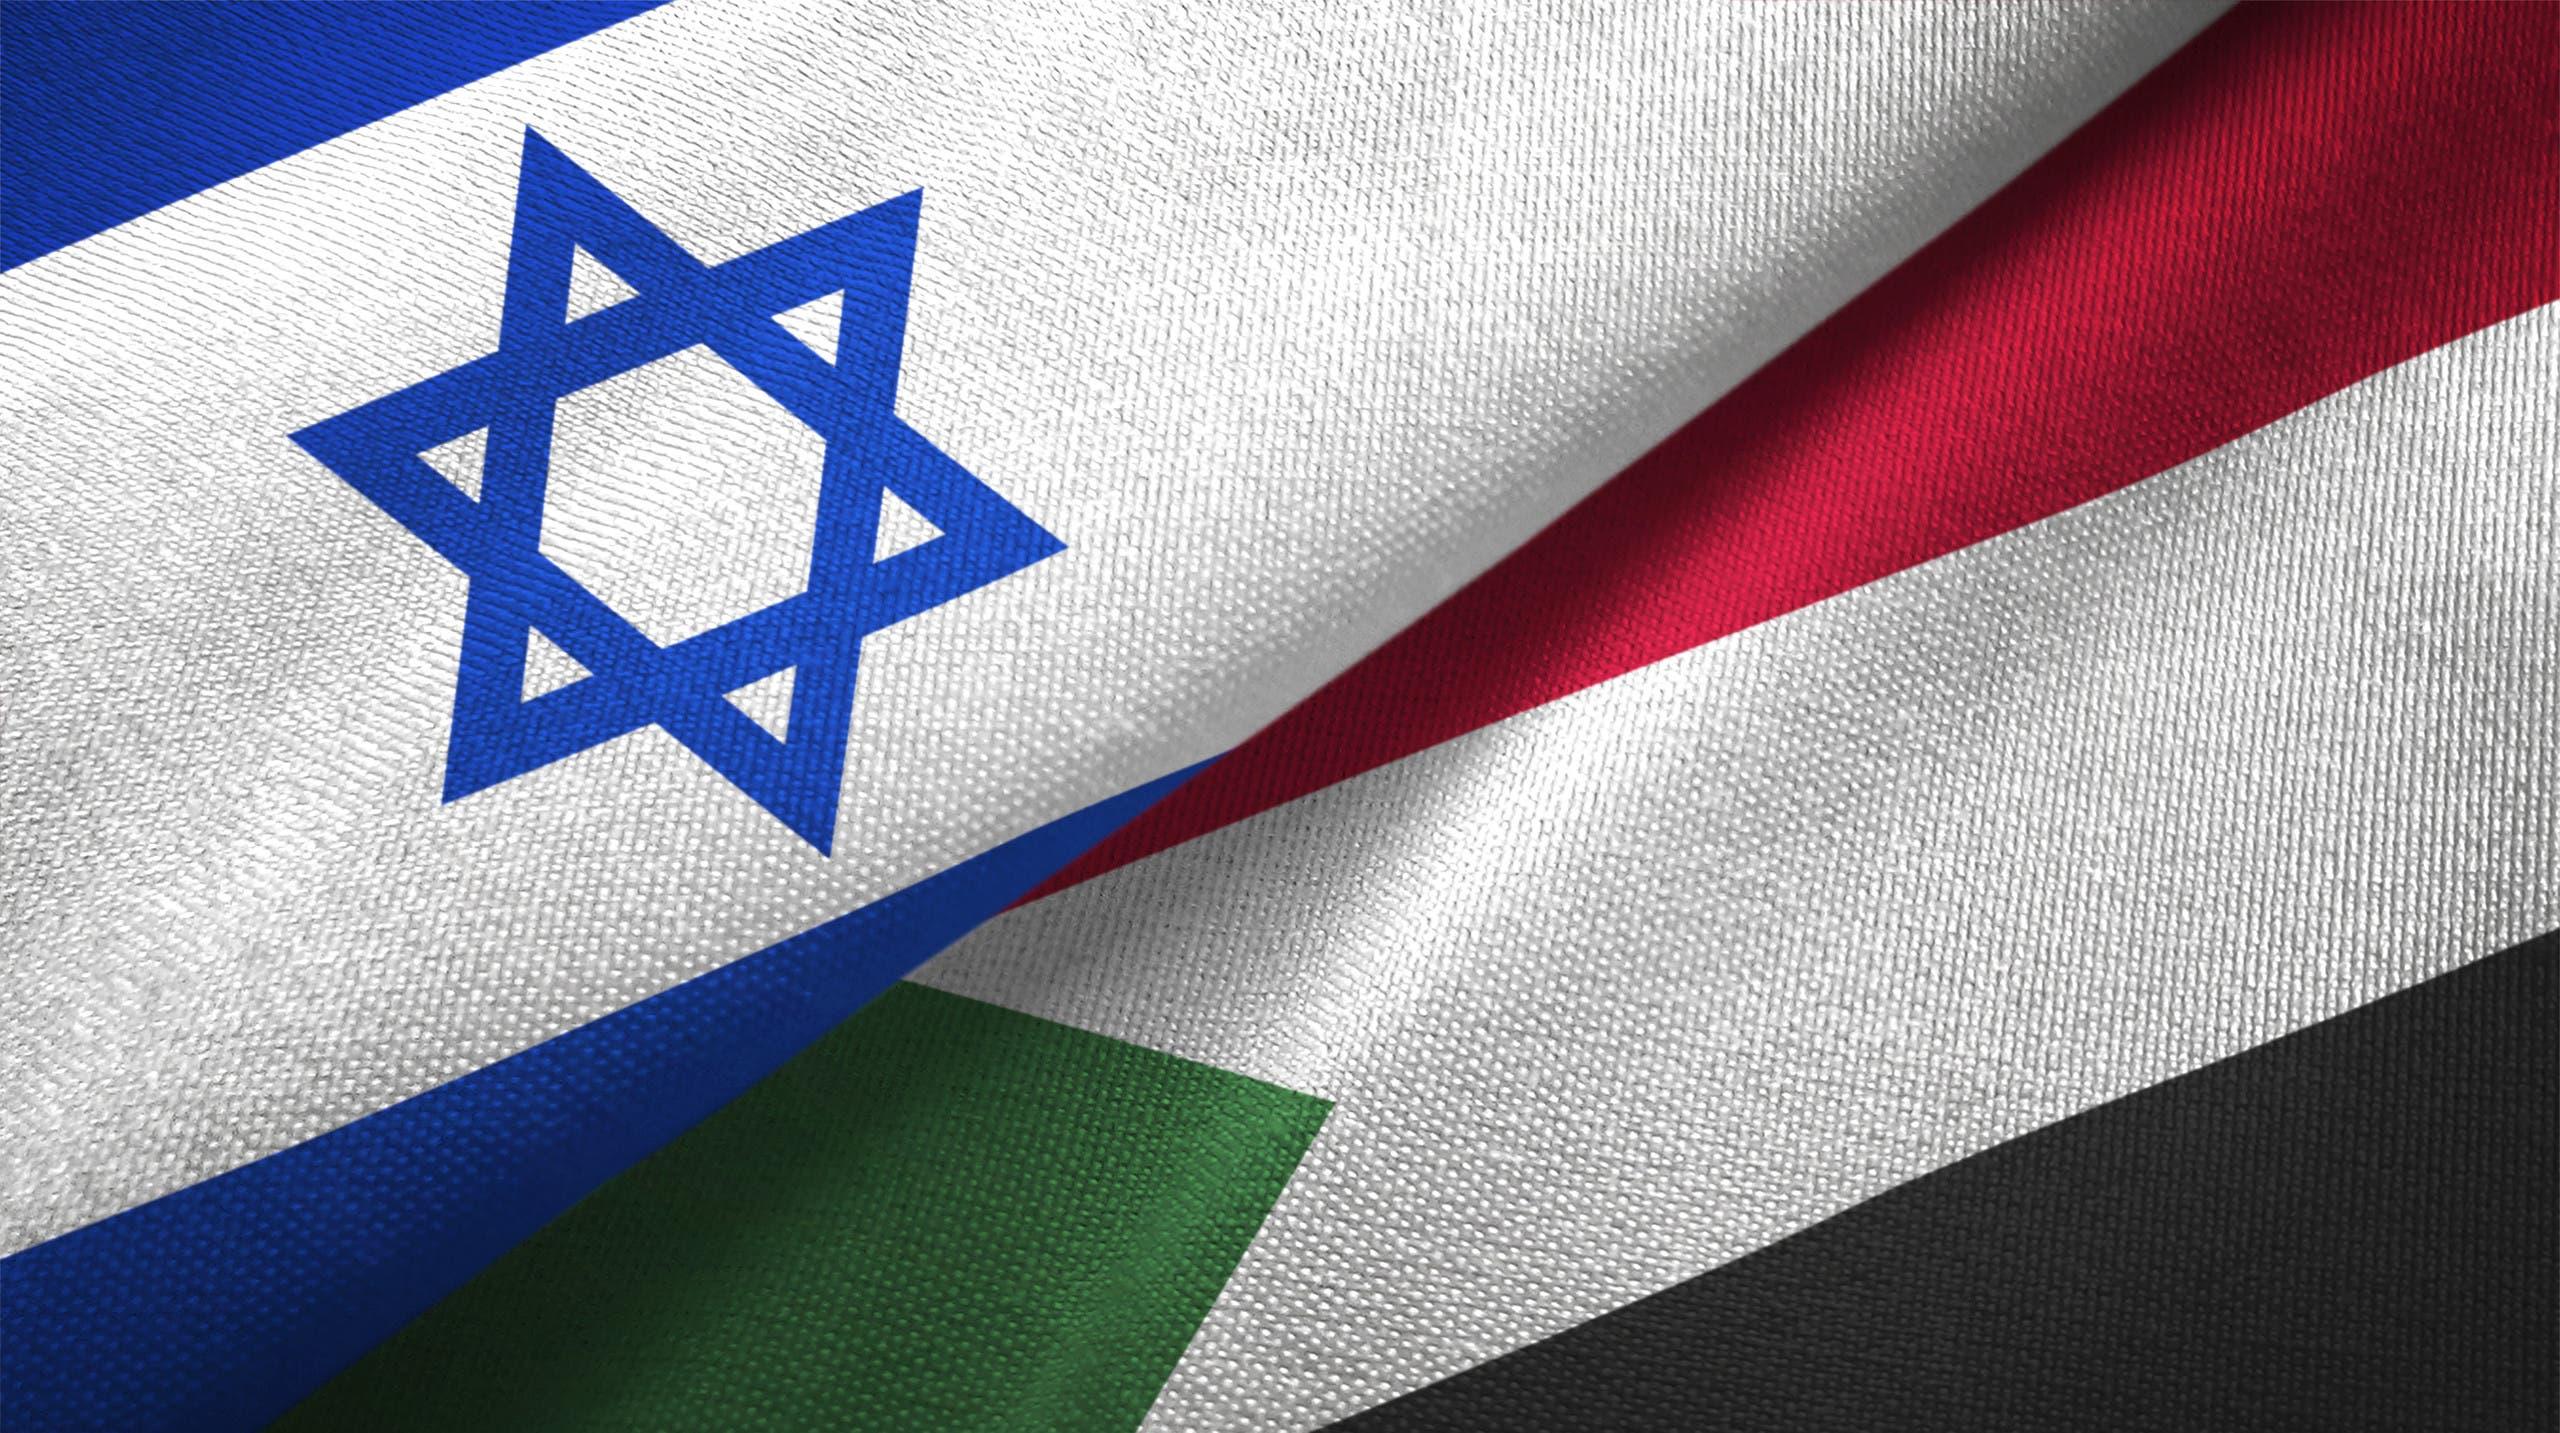 اسرائیلی وزیر نے تین ماہ قبل خرطوم کا دورہ بھی کیا تھا